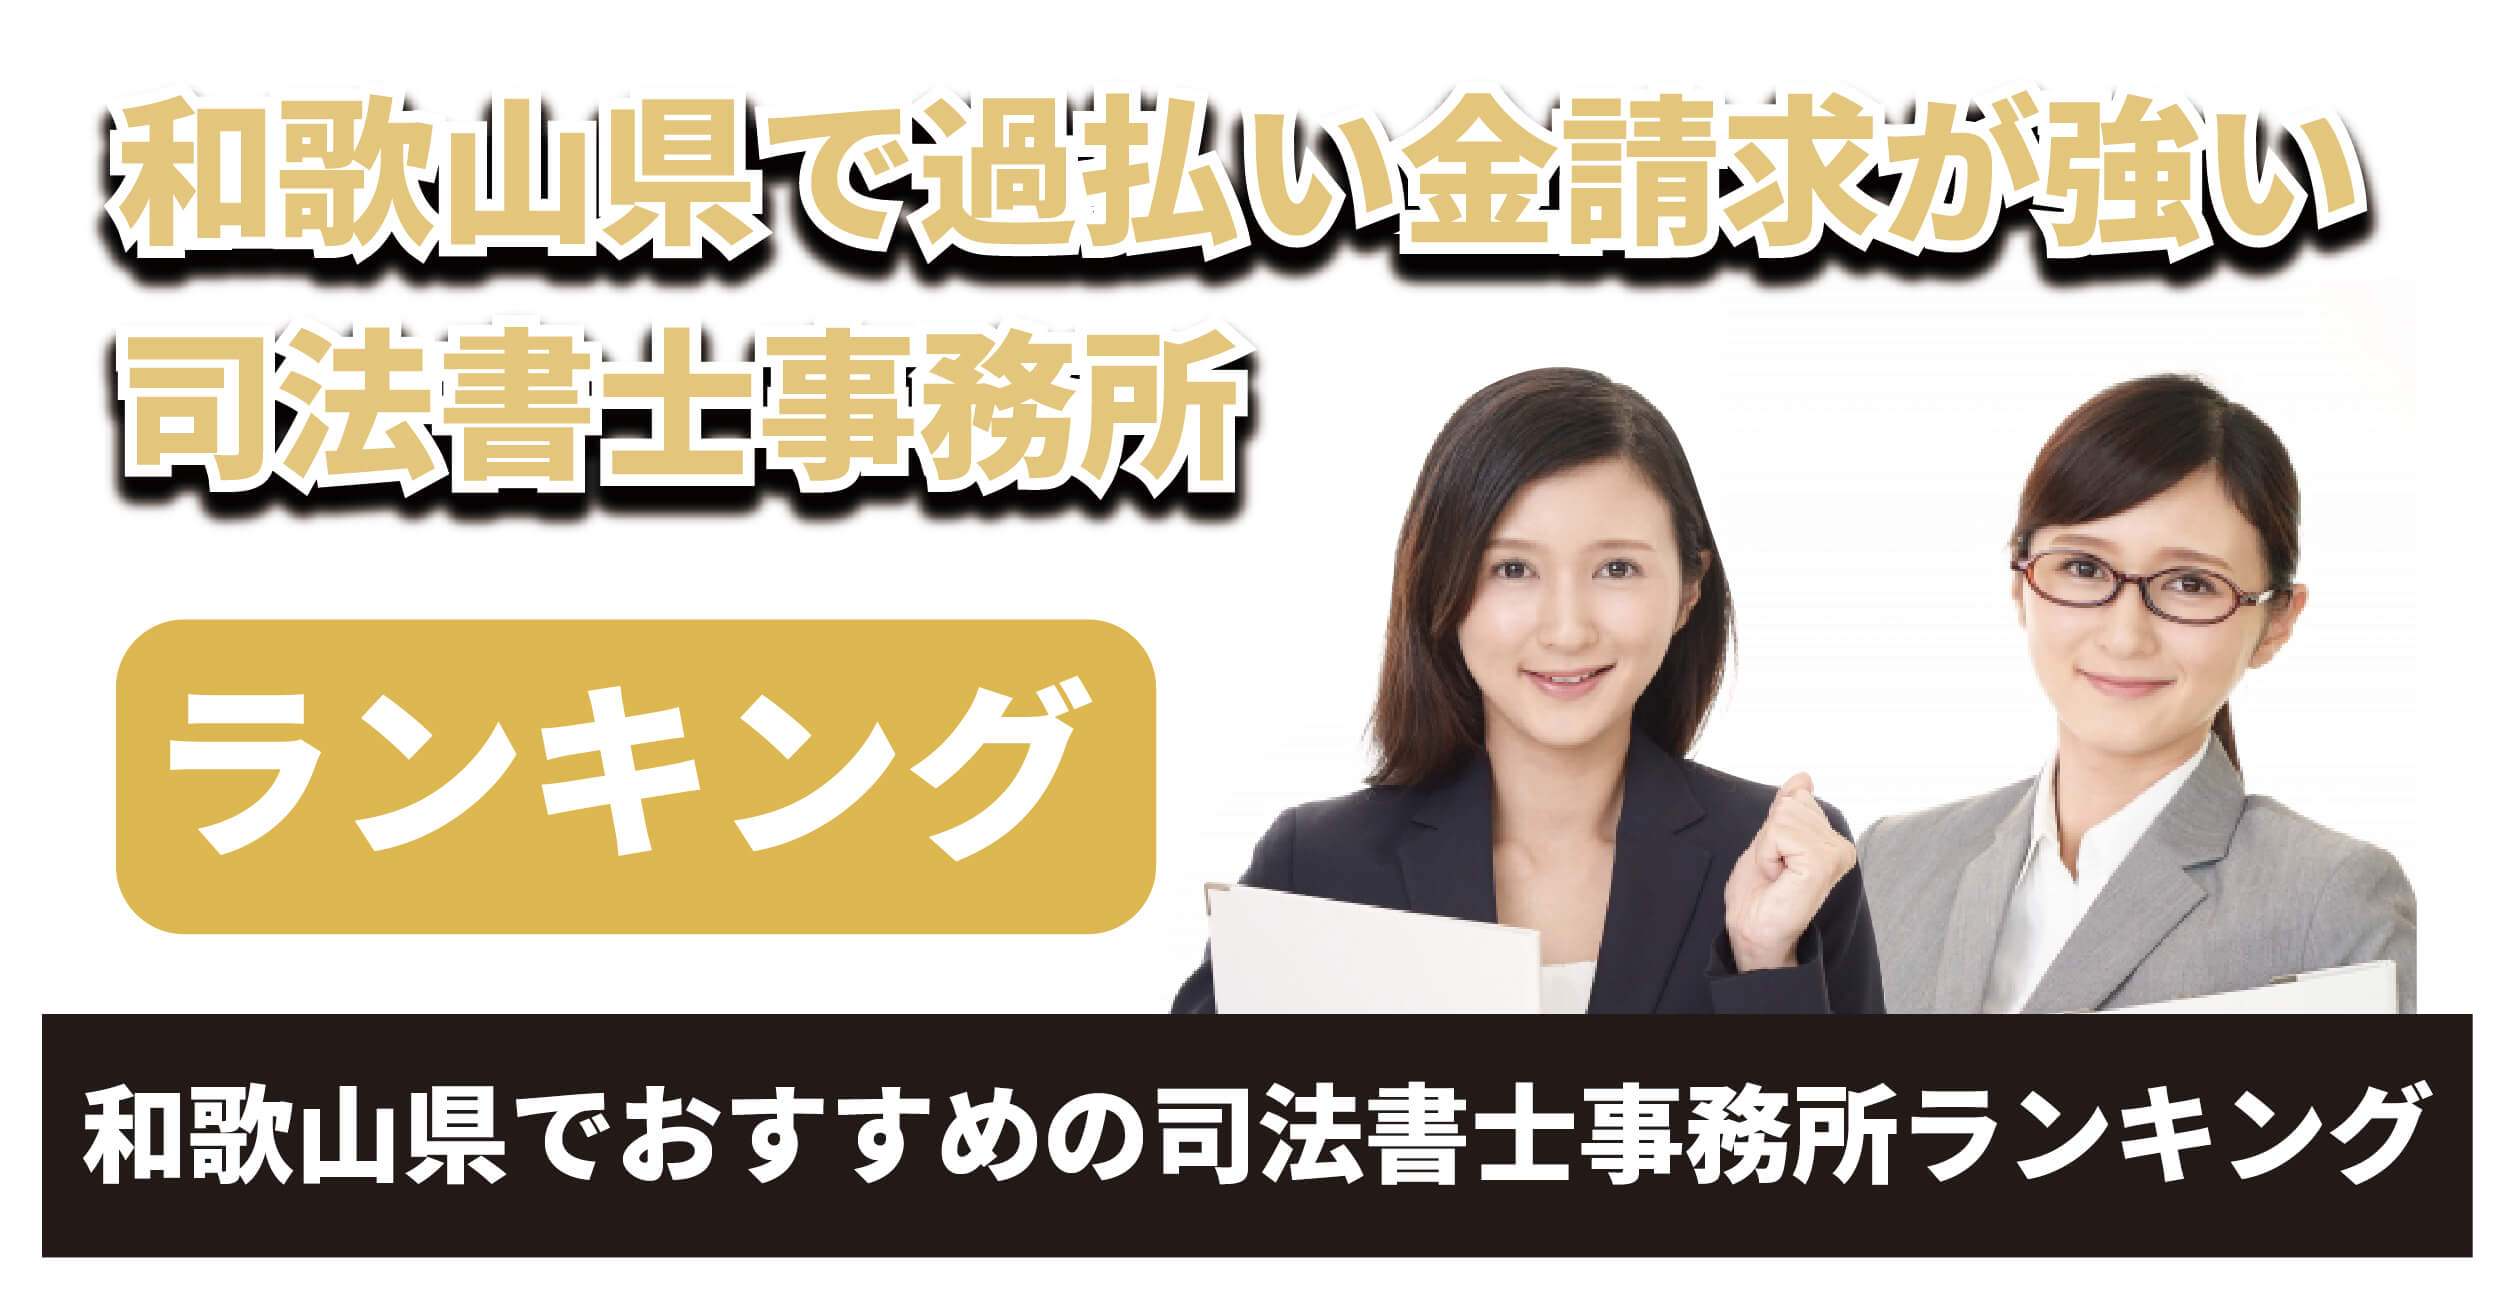 和歌山県で過払い金請求が強い司法書士は?